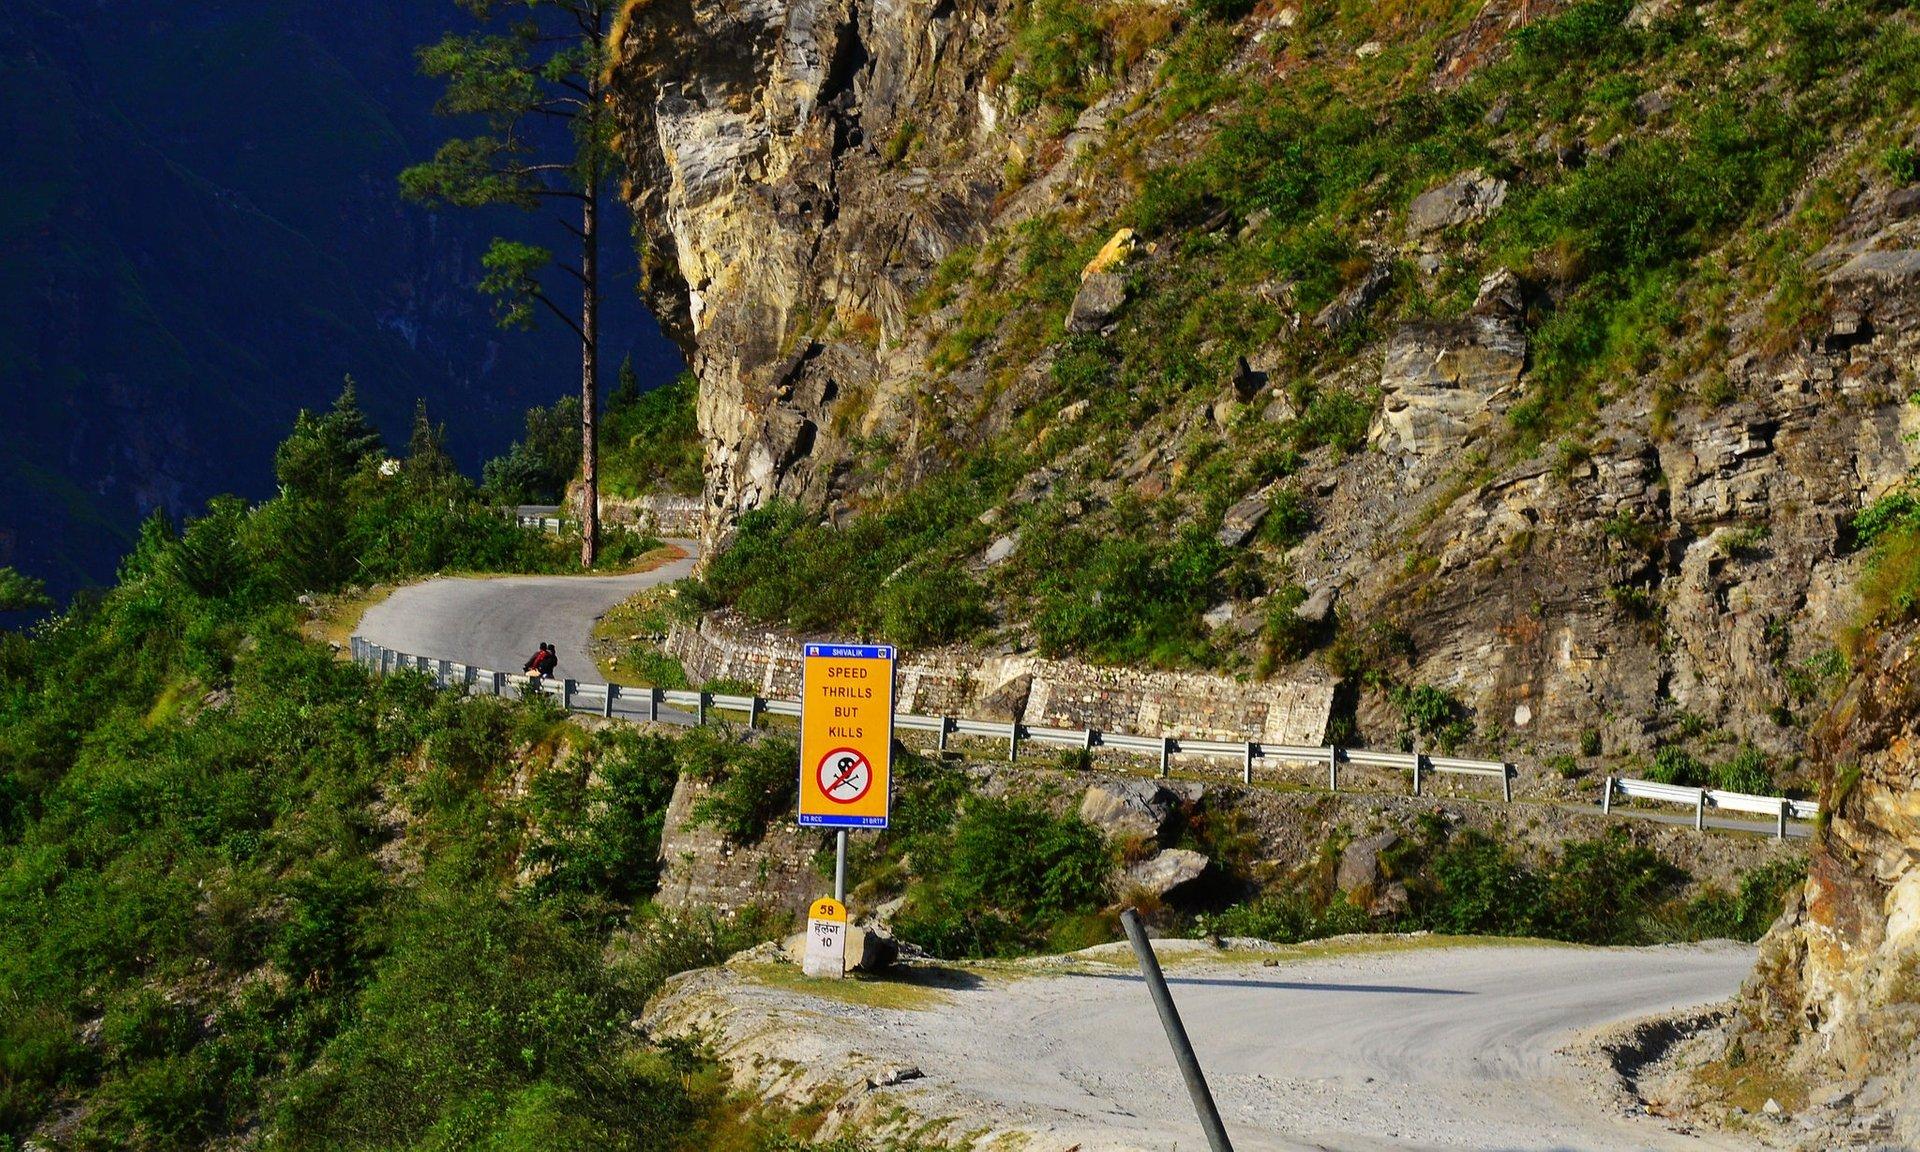 Himalayan road 2019